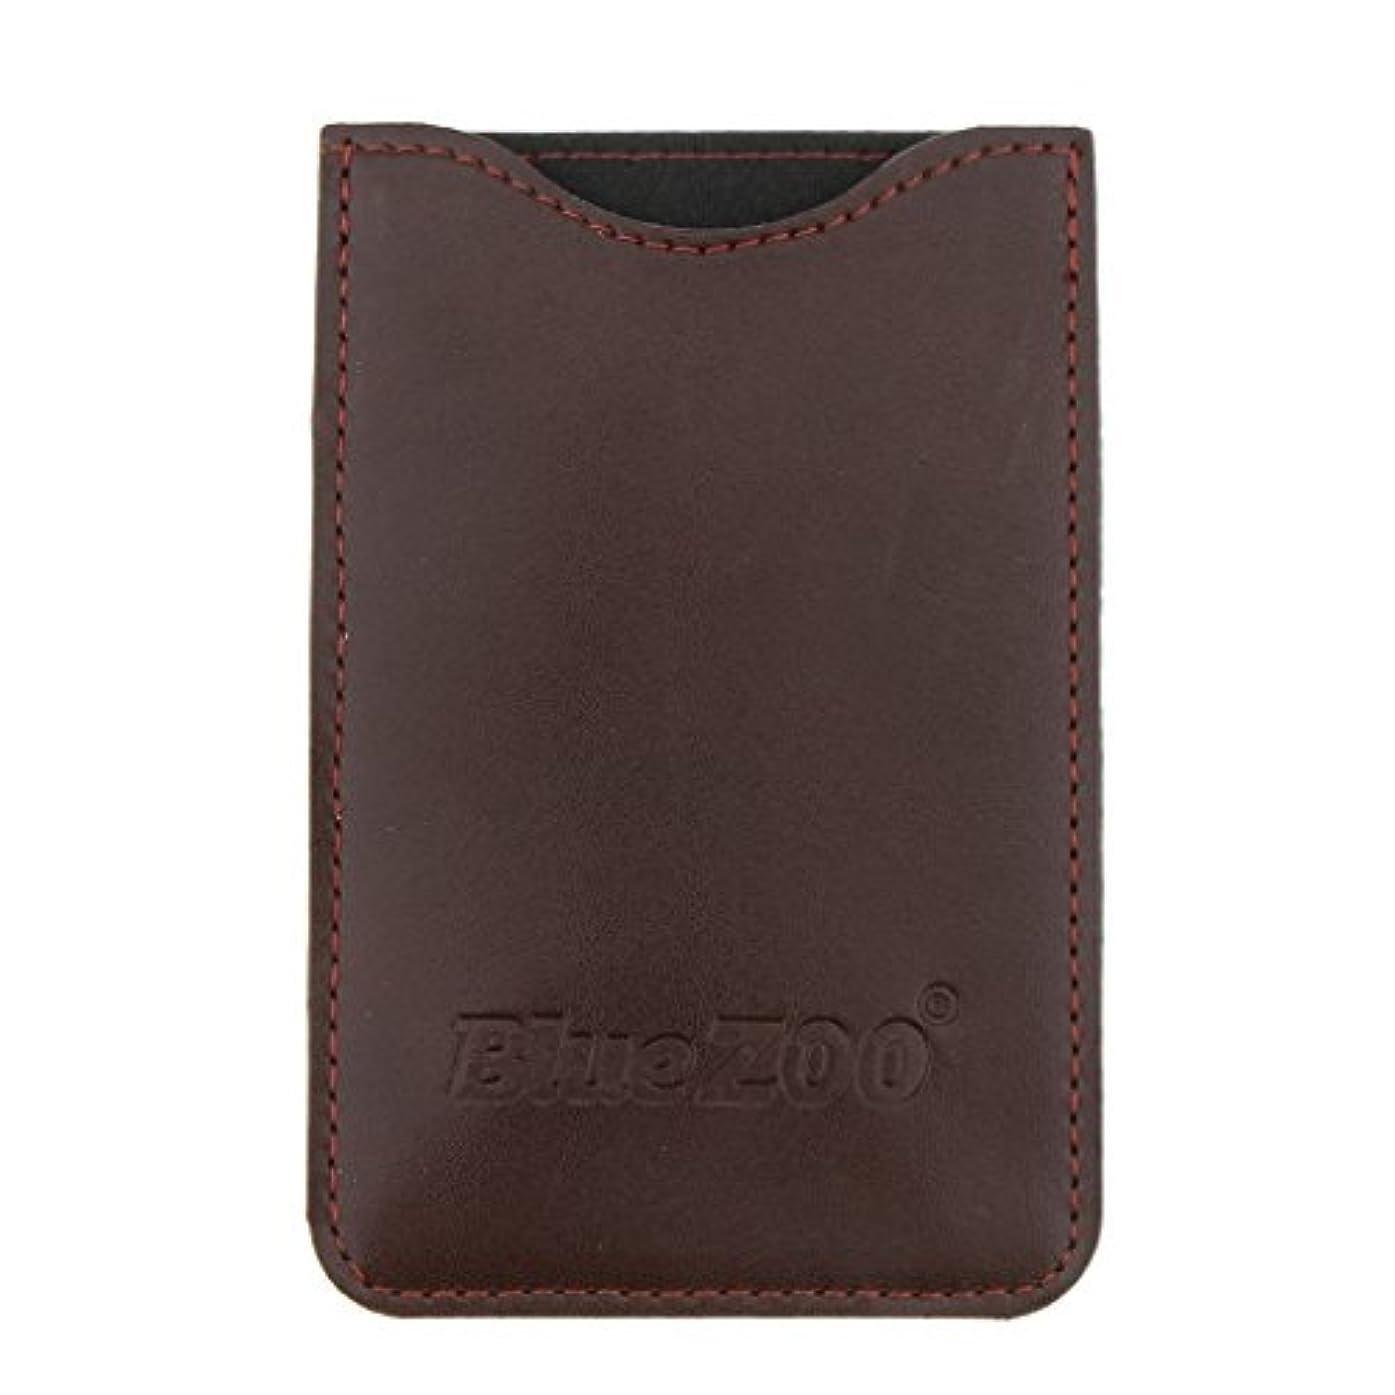 ぴったりアプライアンス滝コームバッグ 収納ケース 収納パック PUレザー ポケット 柔らかい 全2色 - 褐色